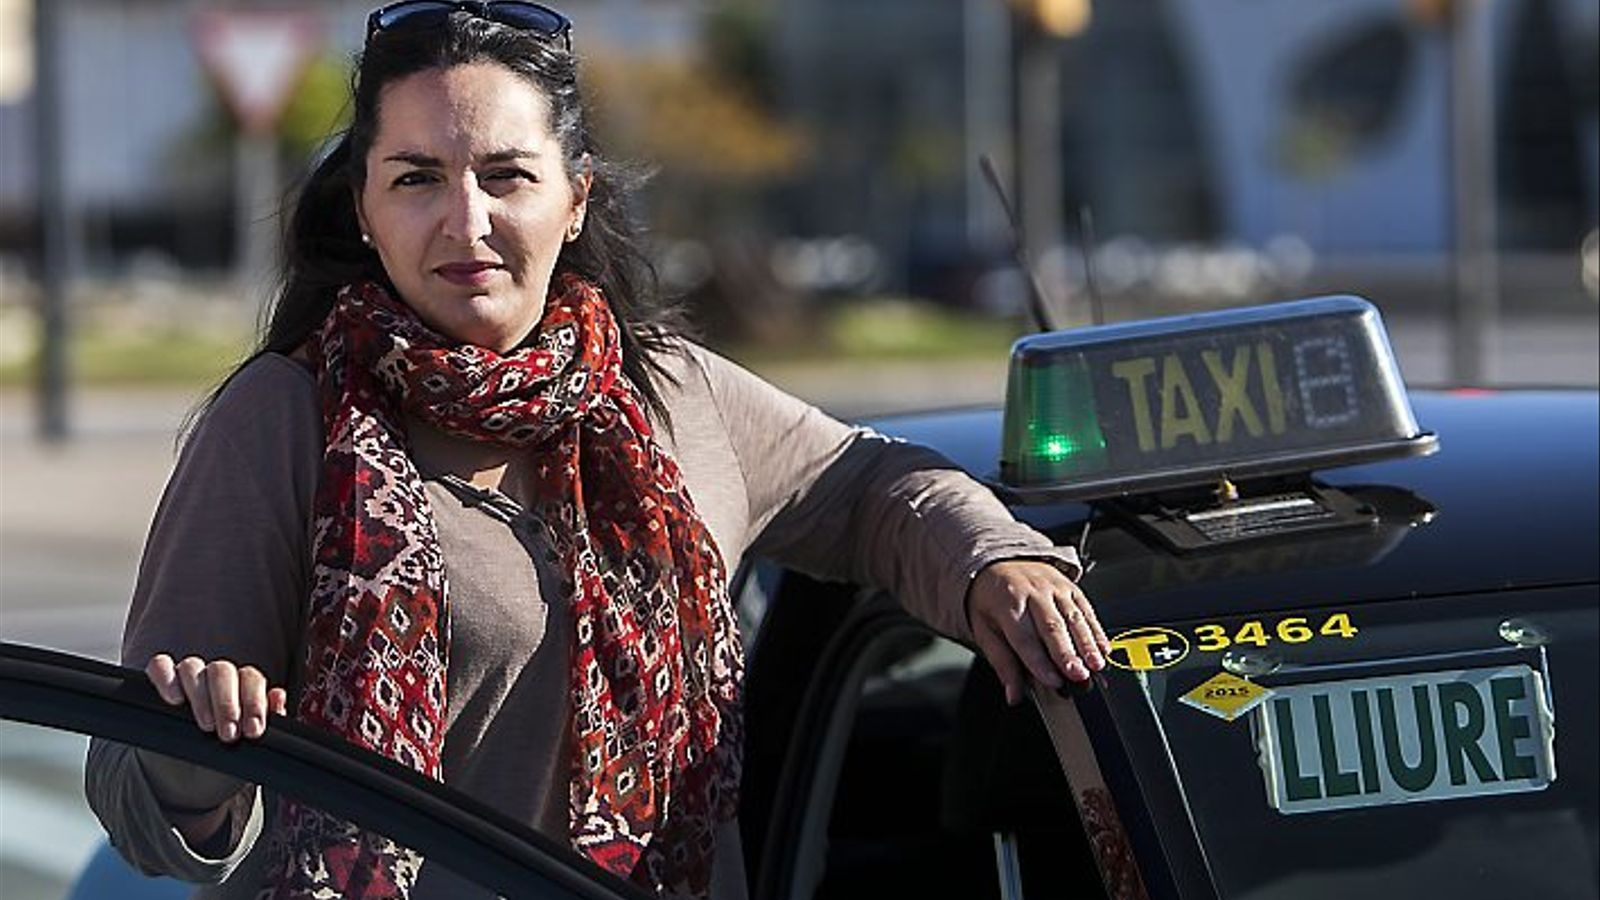 DONES EN UN MÓN D'HOMES   Tot i l'augment dels últims anys, les dones taxistes encara són una minoria.